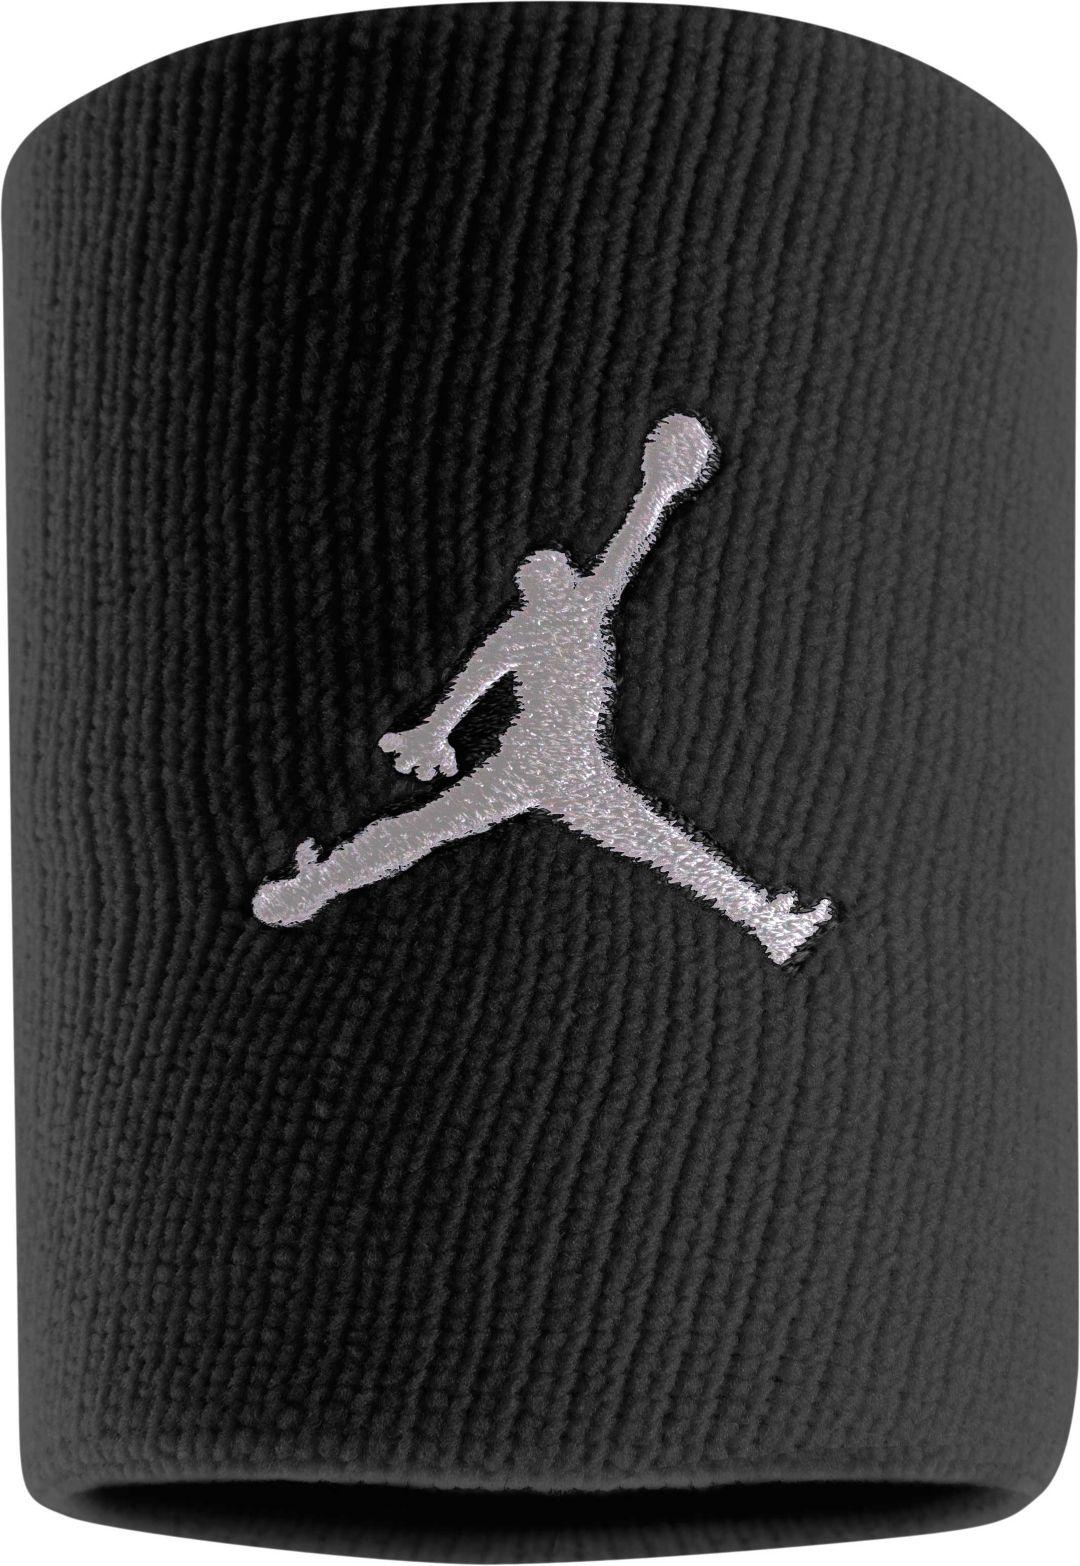 cheap for discount c340b f8061 Jordan Jumpman Wristbands 1